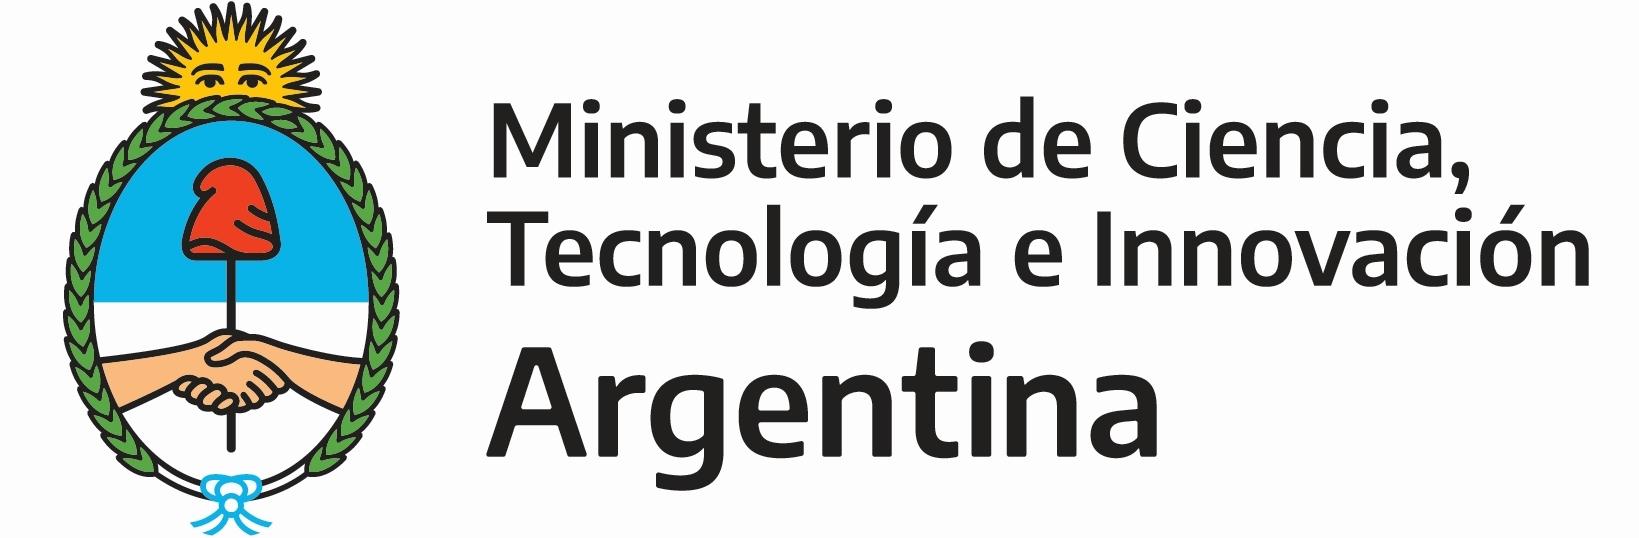 Logo Ministerio de Ciencia, Tecnología e Innovación